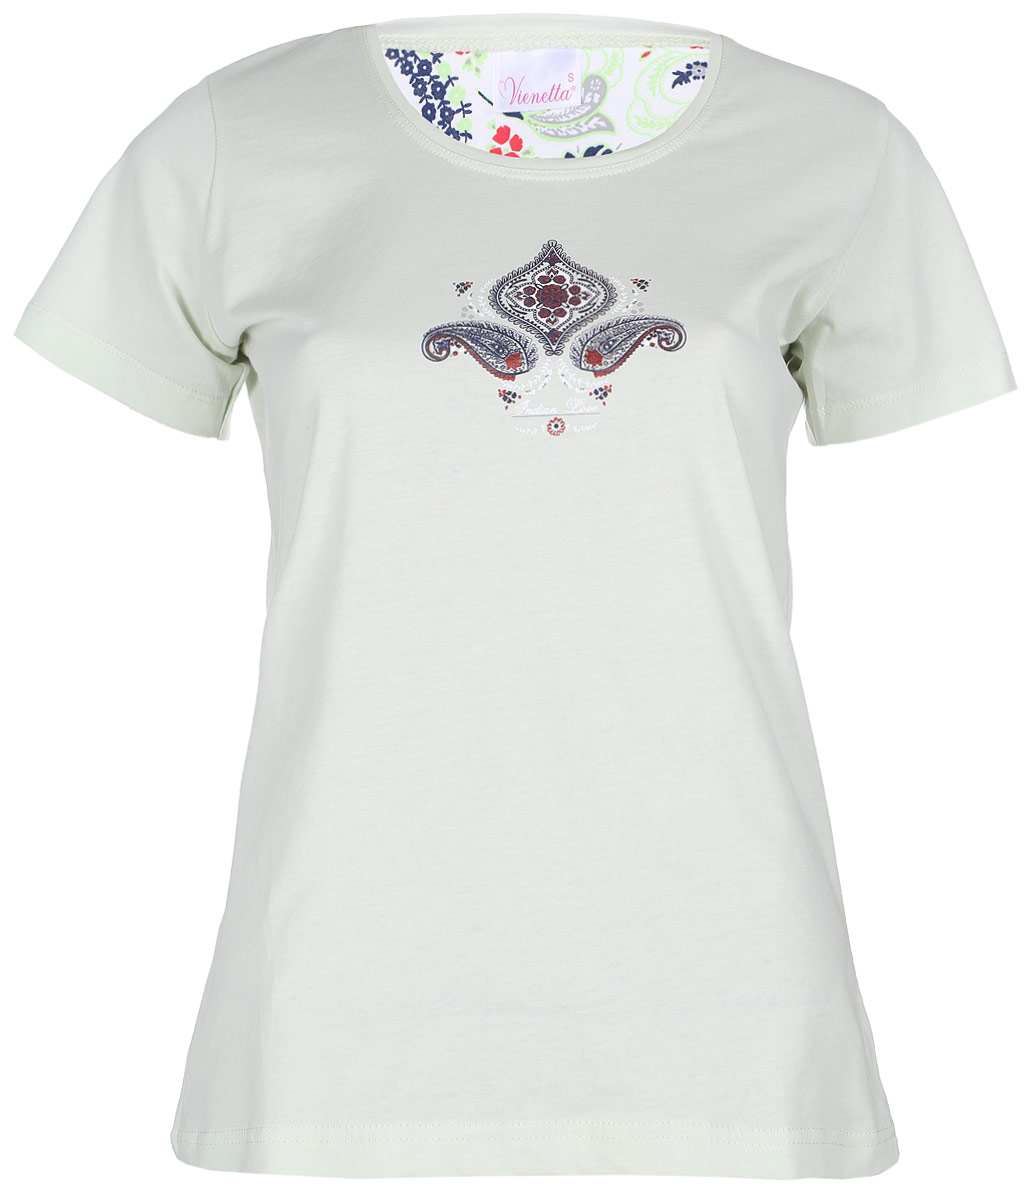 Костюм домашний женский Vienettas Secret Цветок: футболка, бриджи, цвет: светло-фисташковый, мультиколор. 602128 4002. Размер L (48)602128 4002Домашний женский костюм Vienettas Secret Цветок включает в себя удобную футболку и бриджи. Костюм выполнен из натурального хлопка. Футболка изготовлена с круглым вырезом горловины и короткими рукавами. Бриджи имеют эластичный пояс и затягивающийся шнурок. Оформлен костюм стильным принтом с узорами.